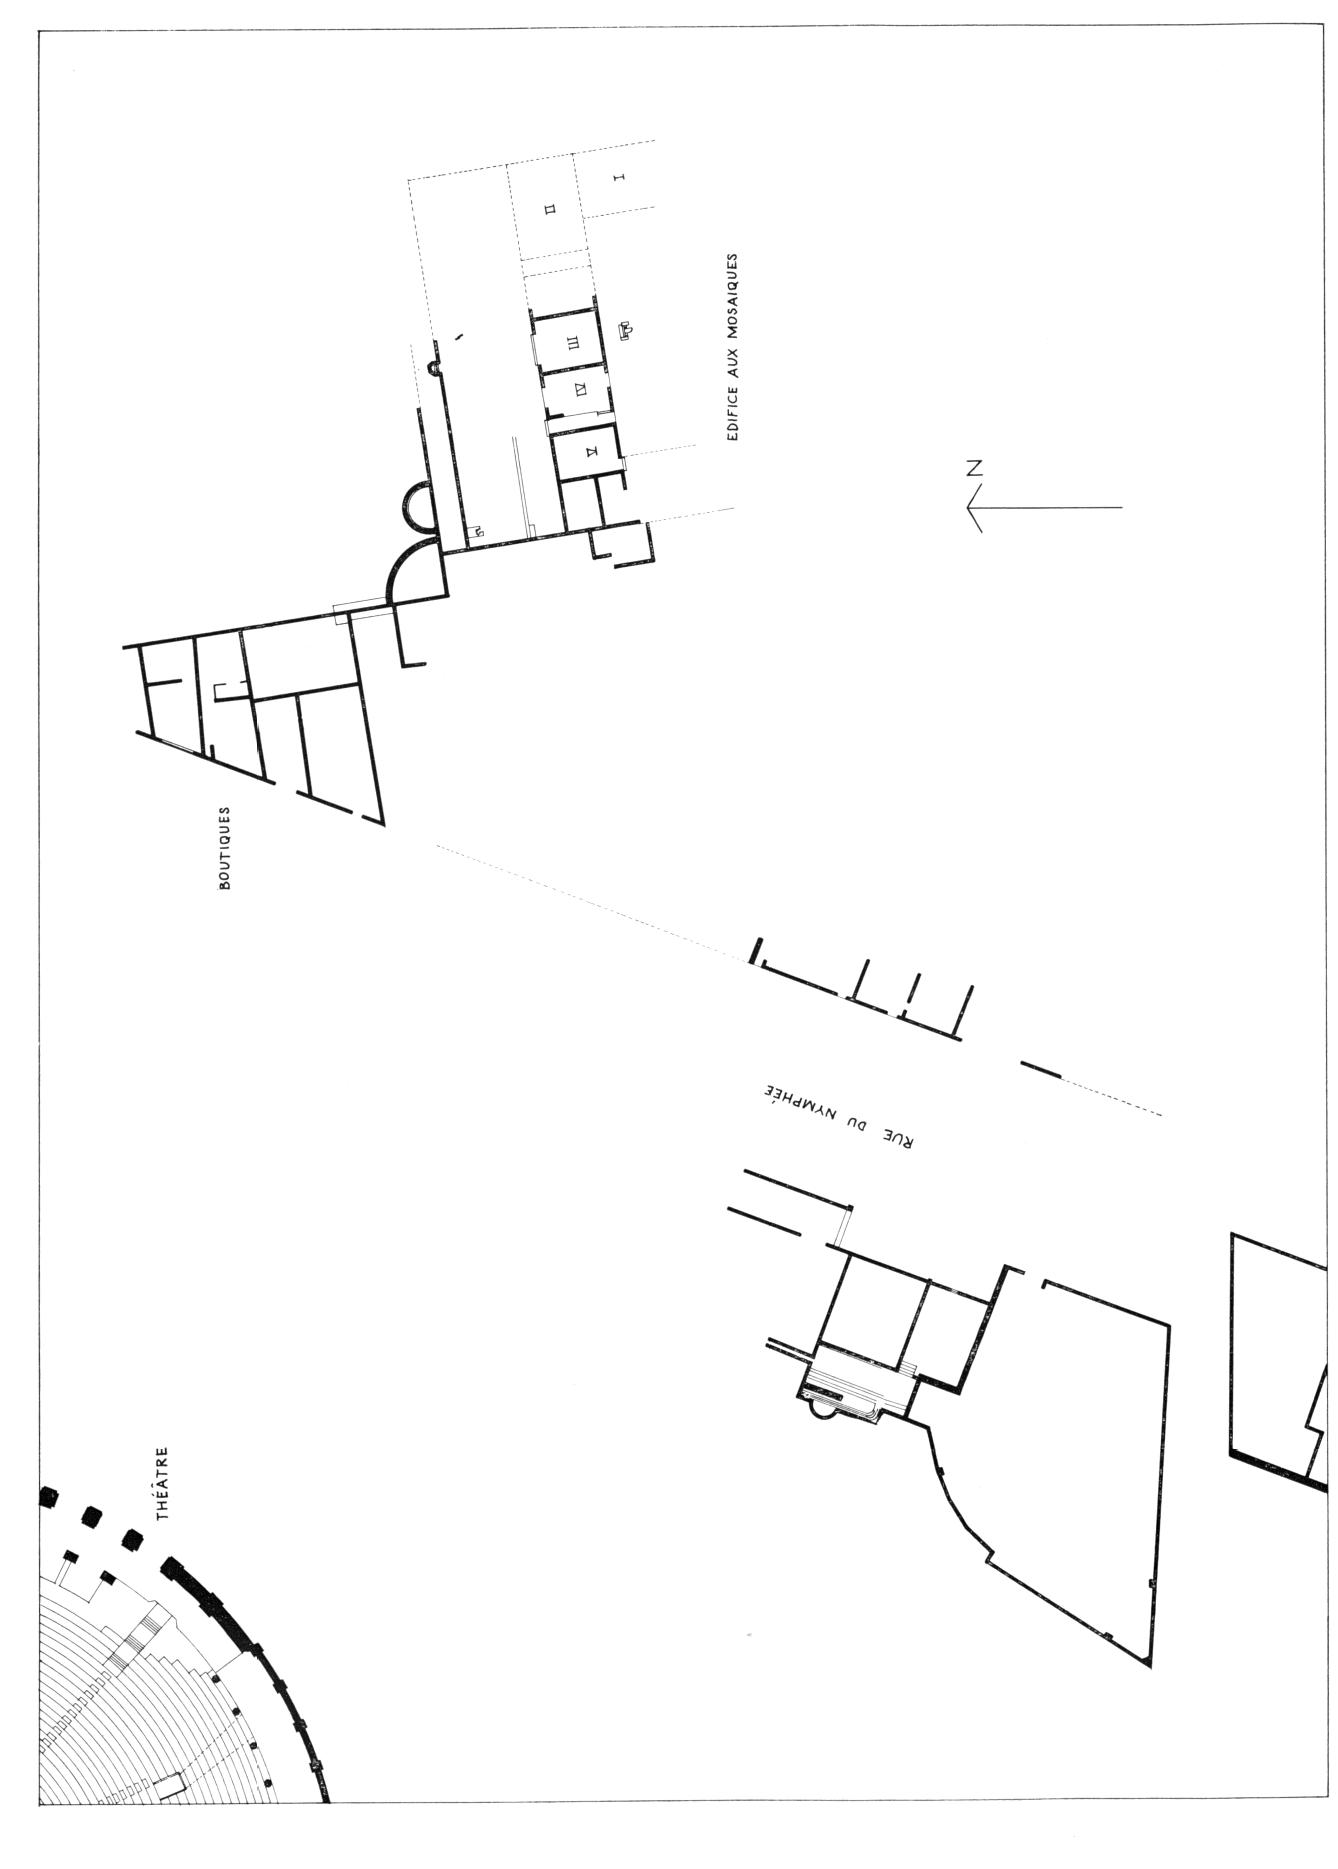 Remarques sur les mosa ques de vaison la romaine ii pers e - Ciment romain composition ...